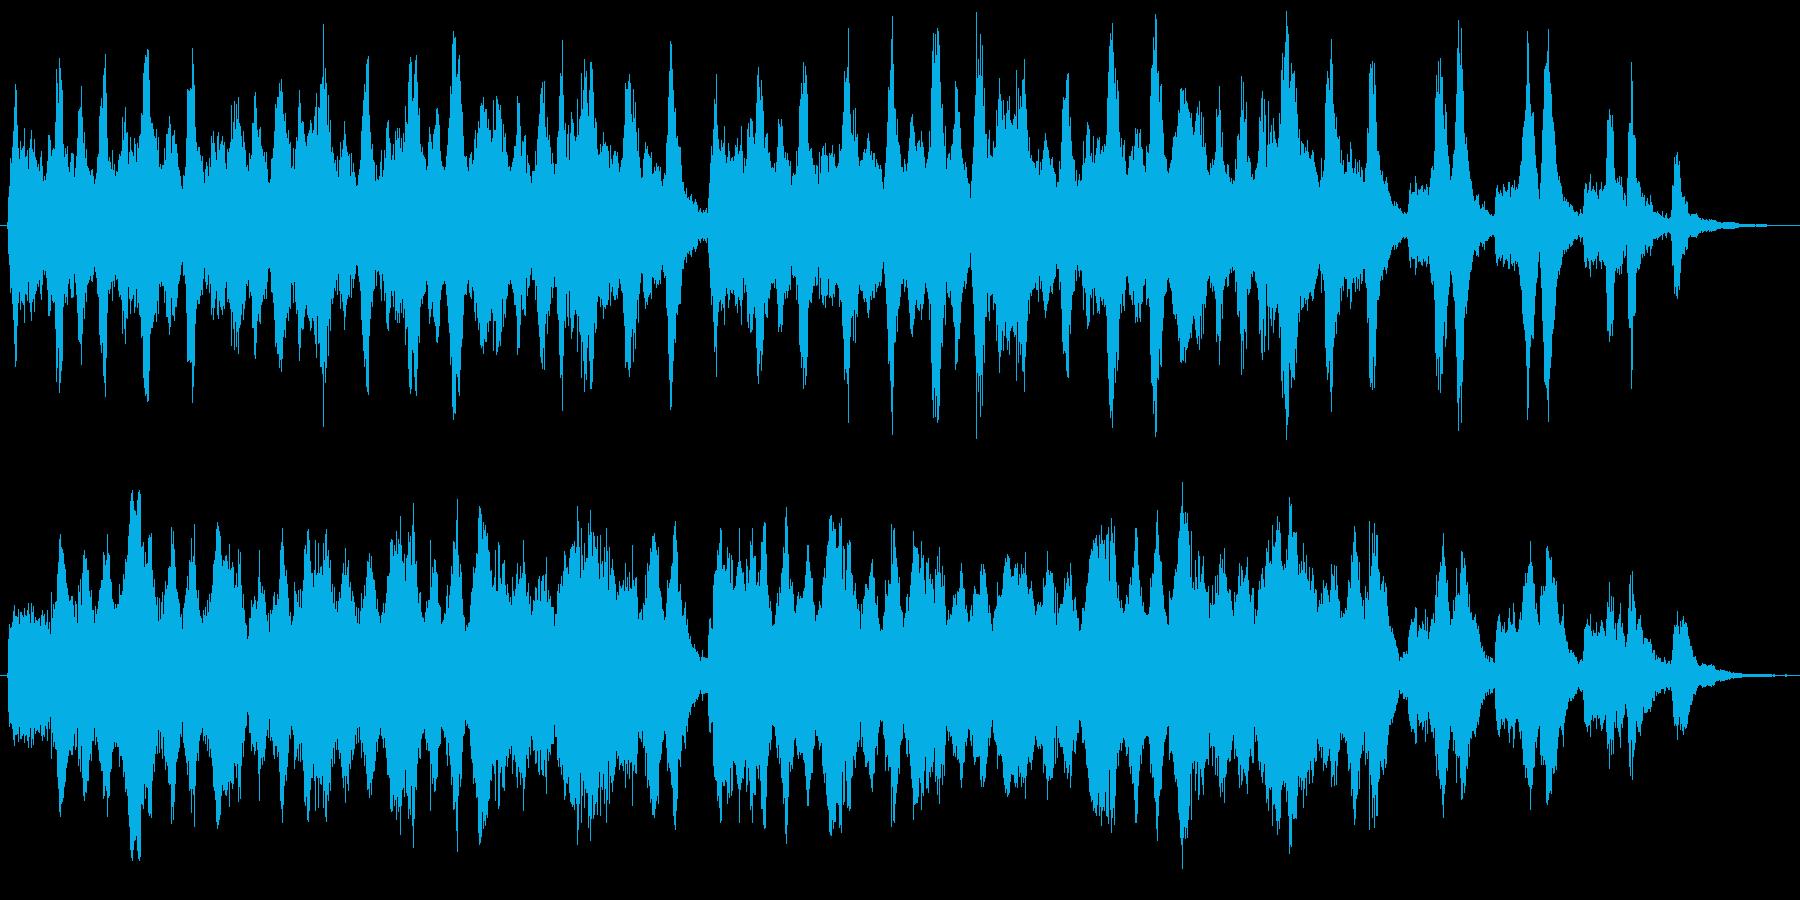 高級感・哀愁・バロック室内楽(26秒)の再生済みの波形